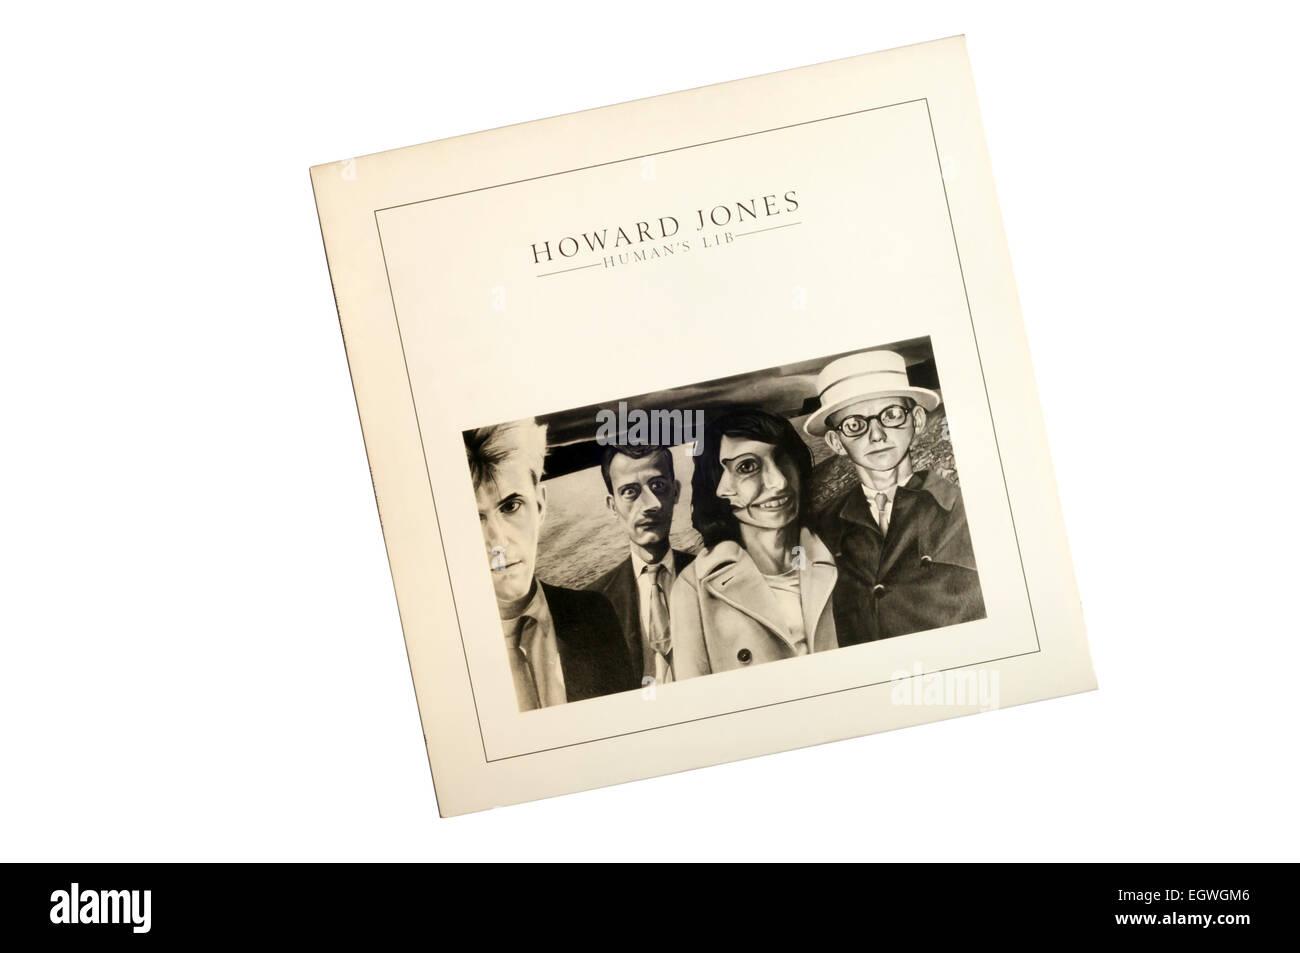 Human's Lib a été le premier album de 1984 musicien pop britannique Howard Jones. Photo Stock